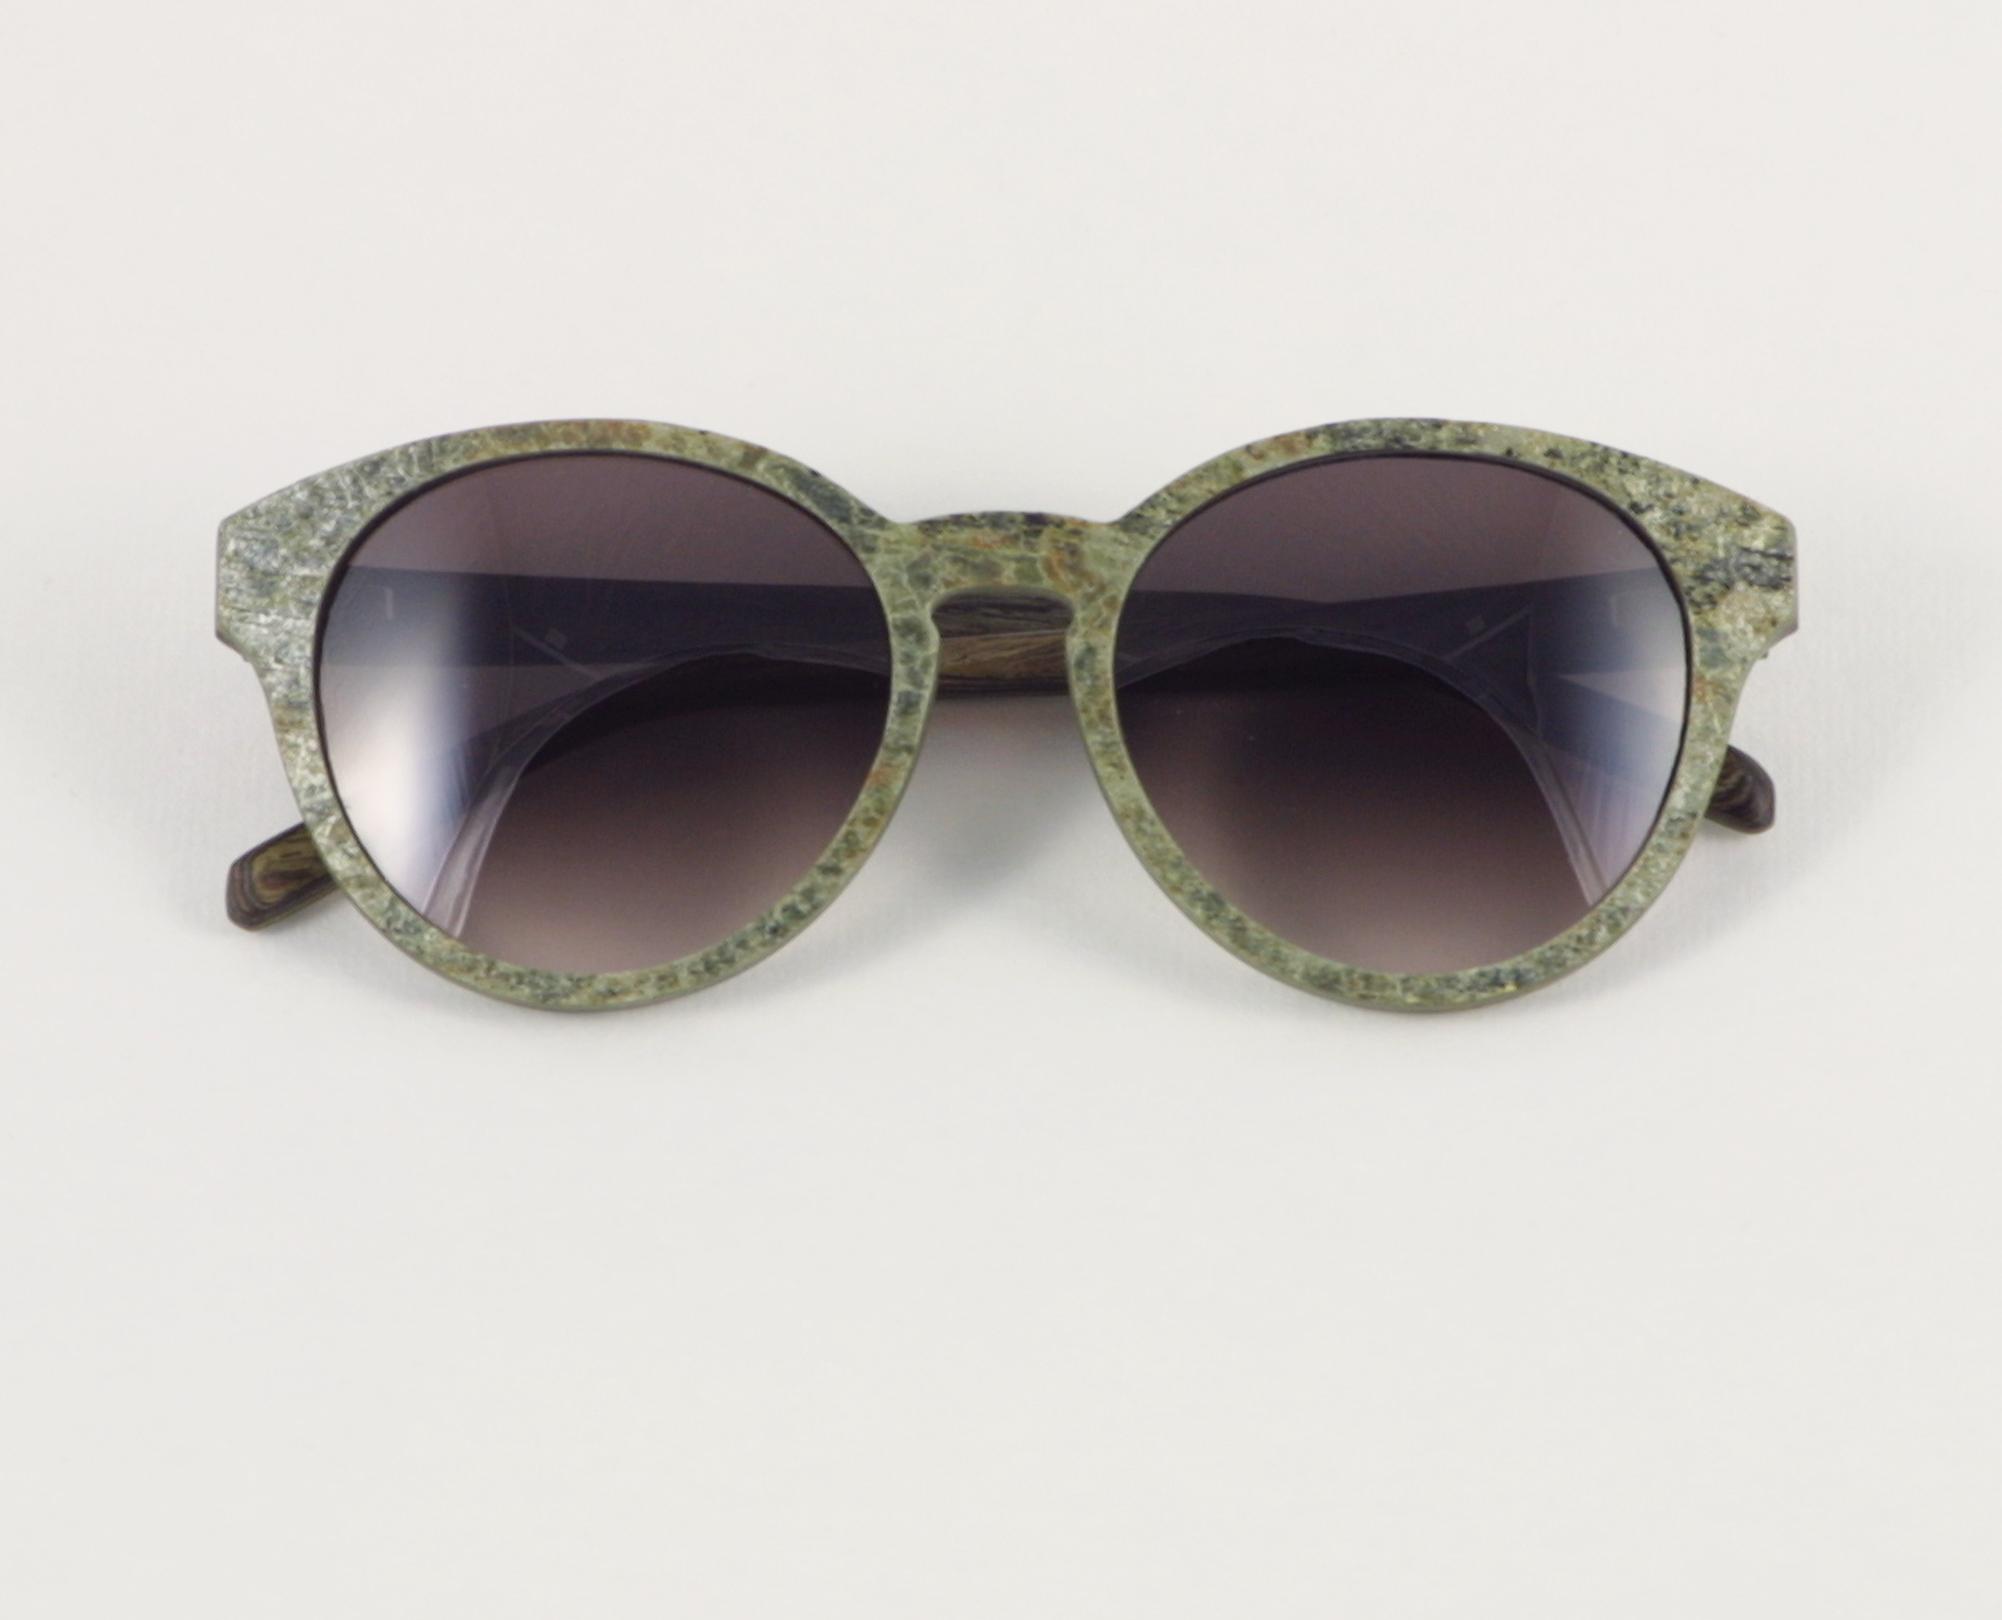 Bild: Brille von Kerbholz